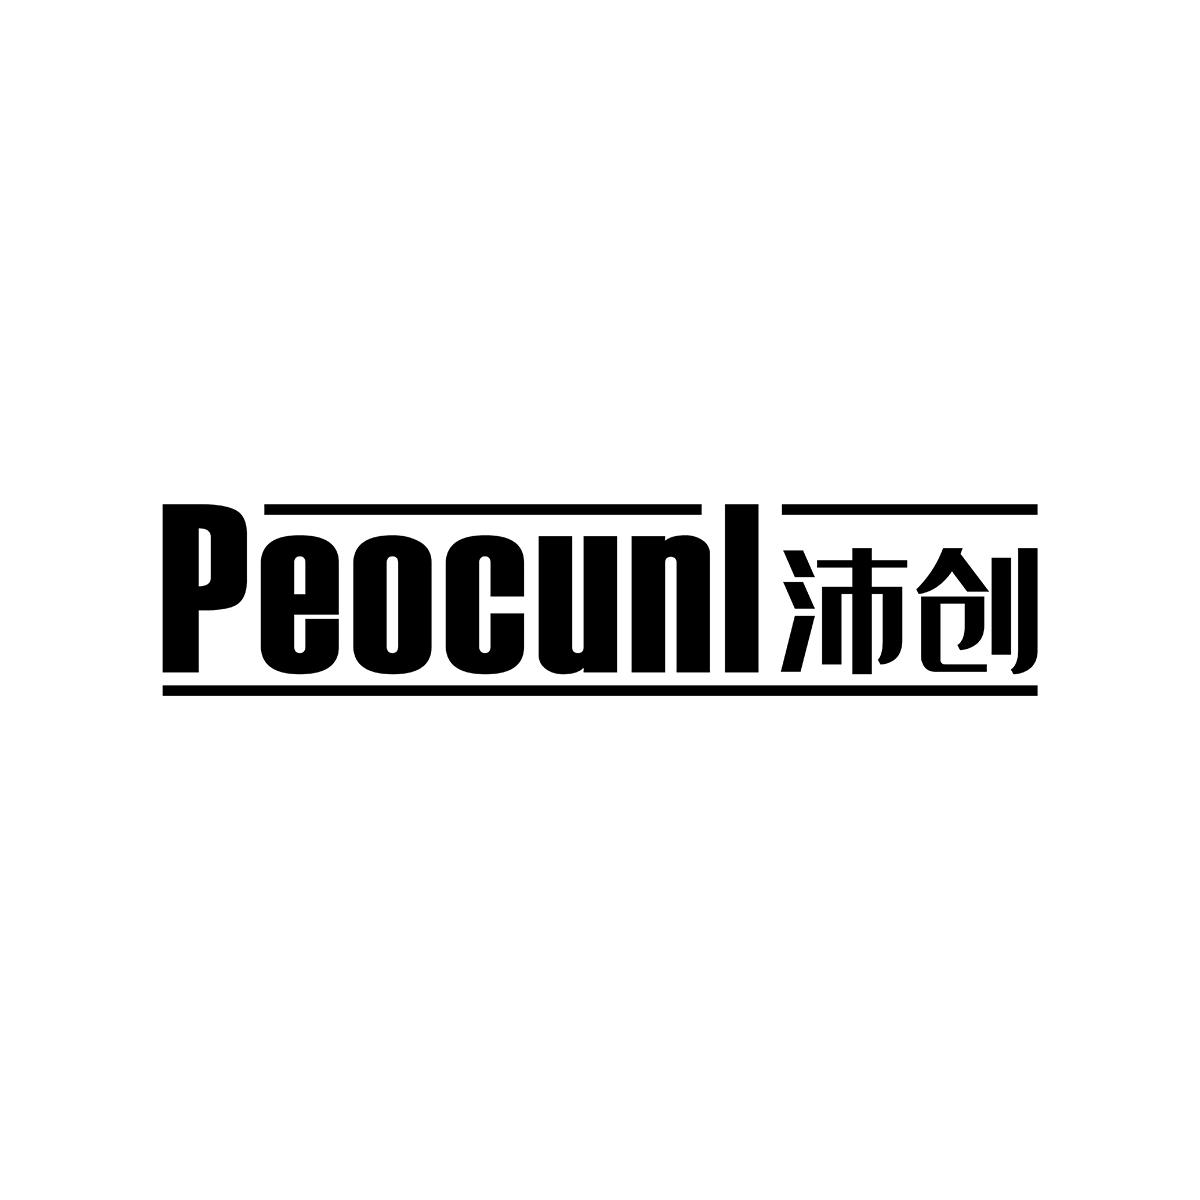 沛创Peocunl